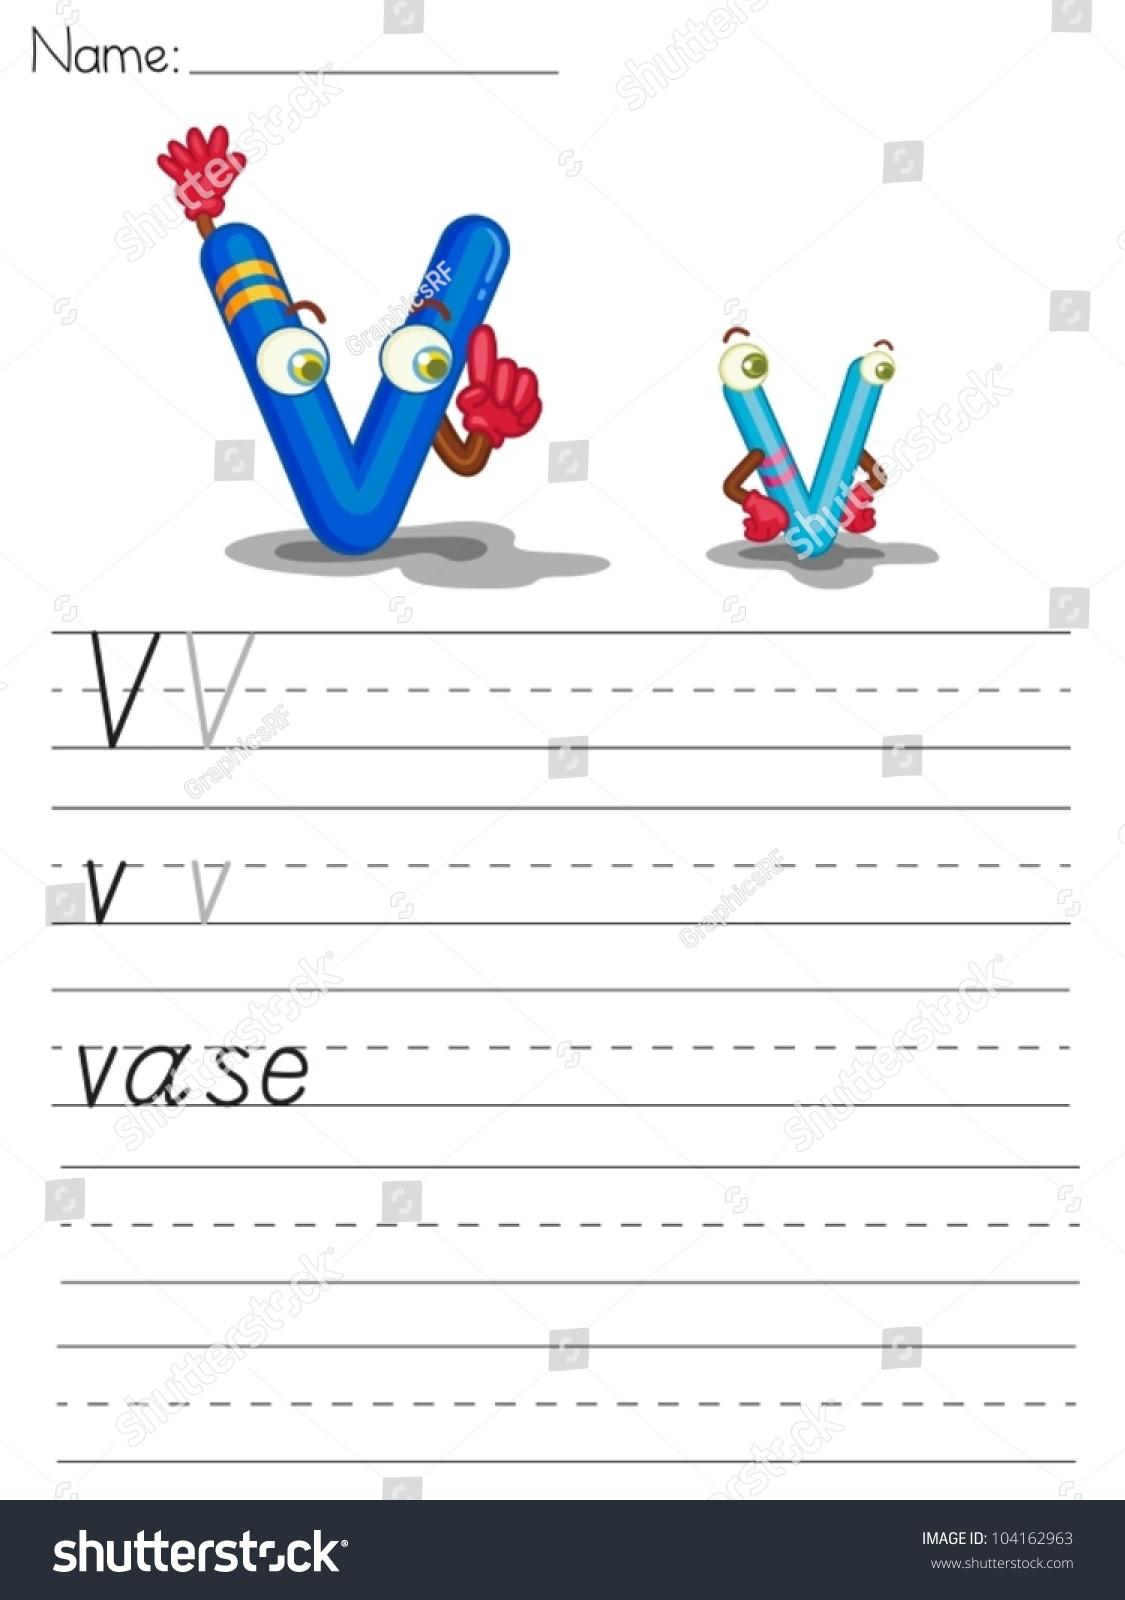 Illustrated Alphabet Worksheet Of The Letter V Stock Vector Illustration Shutterstock